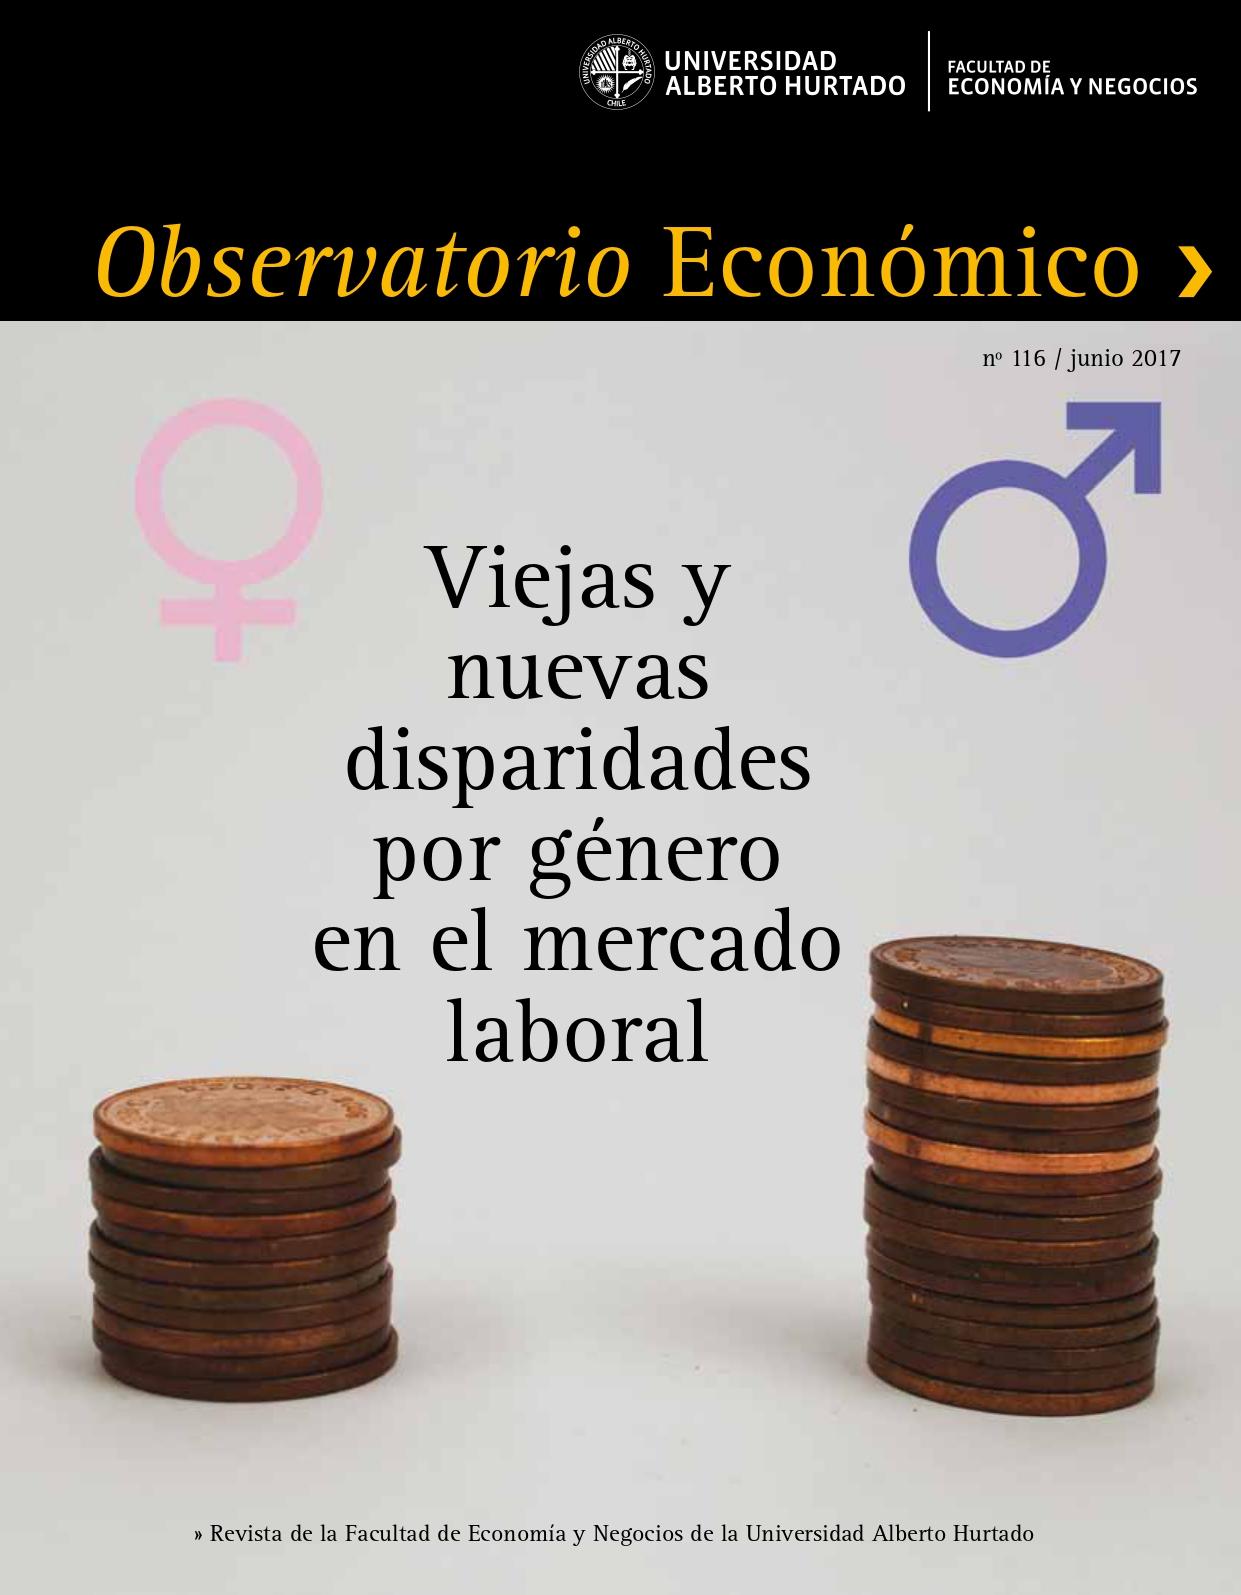 """Título del número de la revista : """"Viejas y nuevas disparidades por género en el mercado laboral"""""""